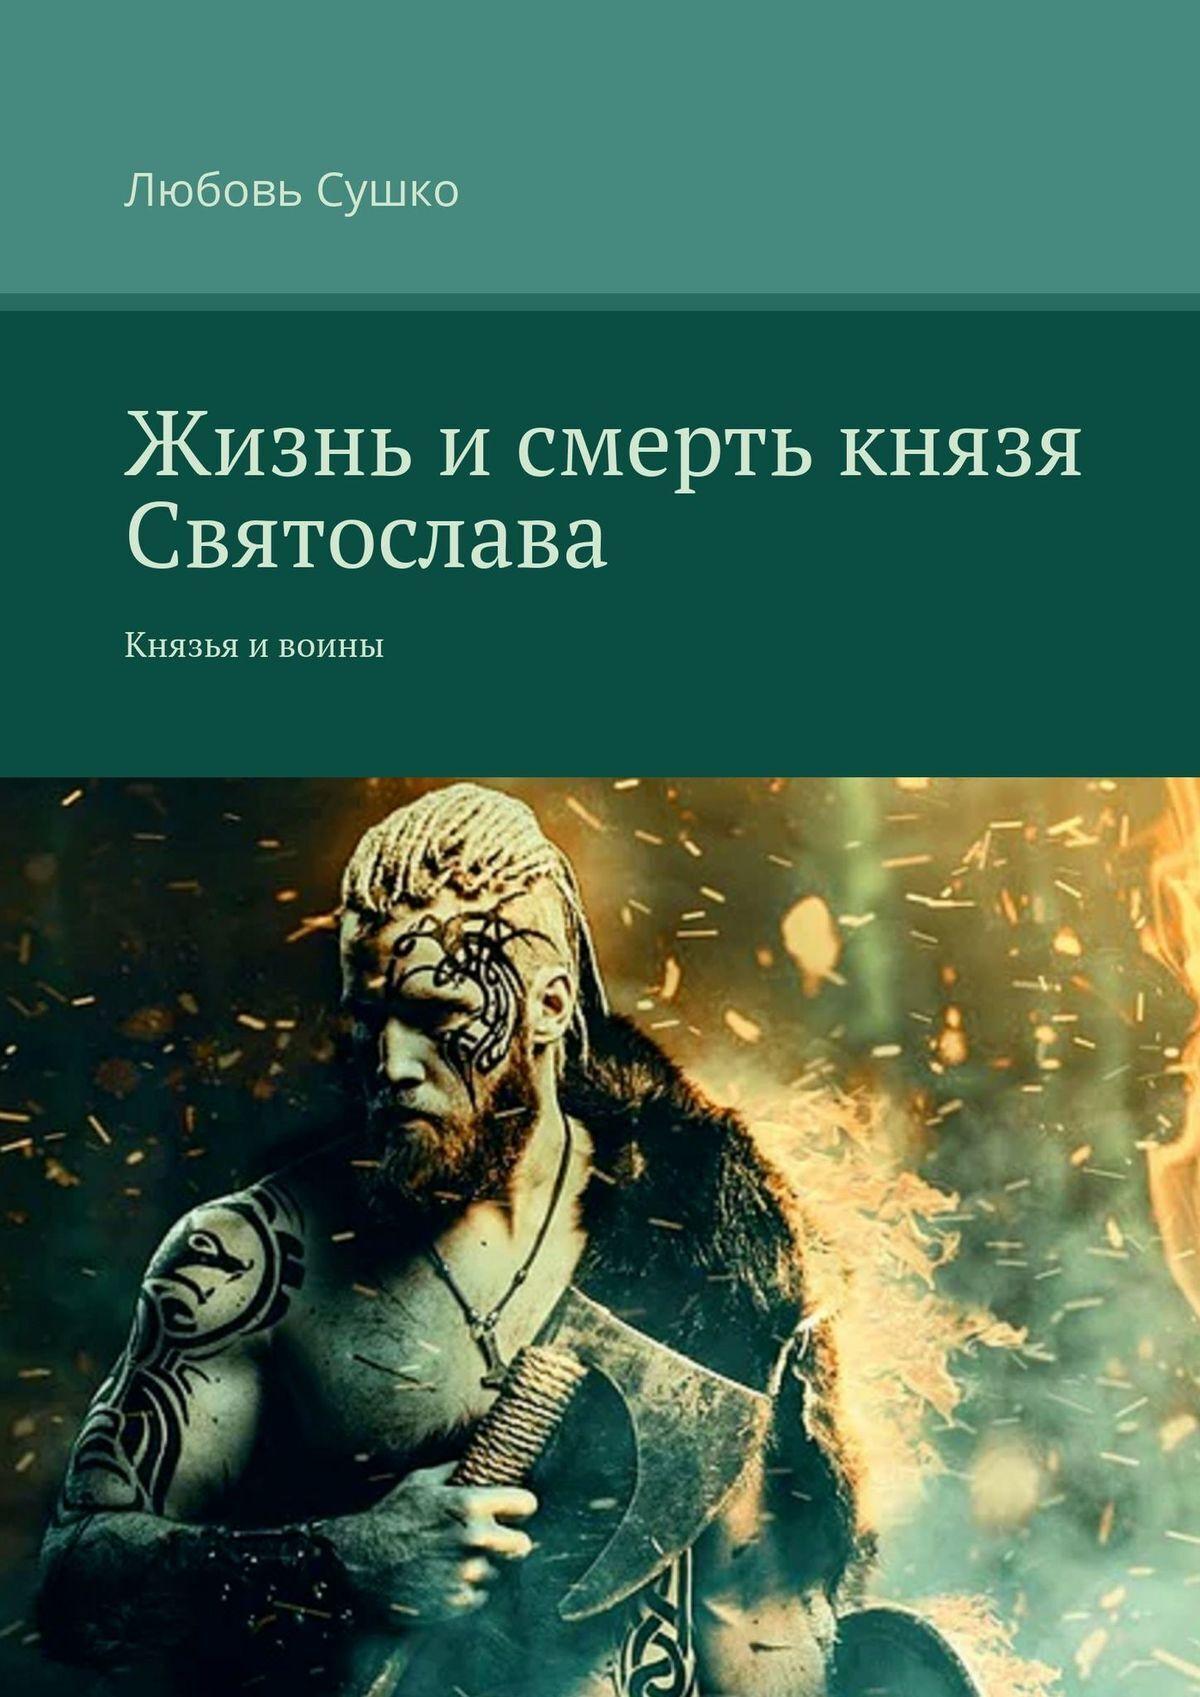 Любовь Сушко Жизнь и смерть князя Святослава. Князья ивоины